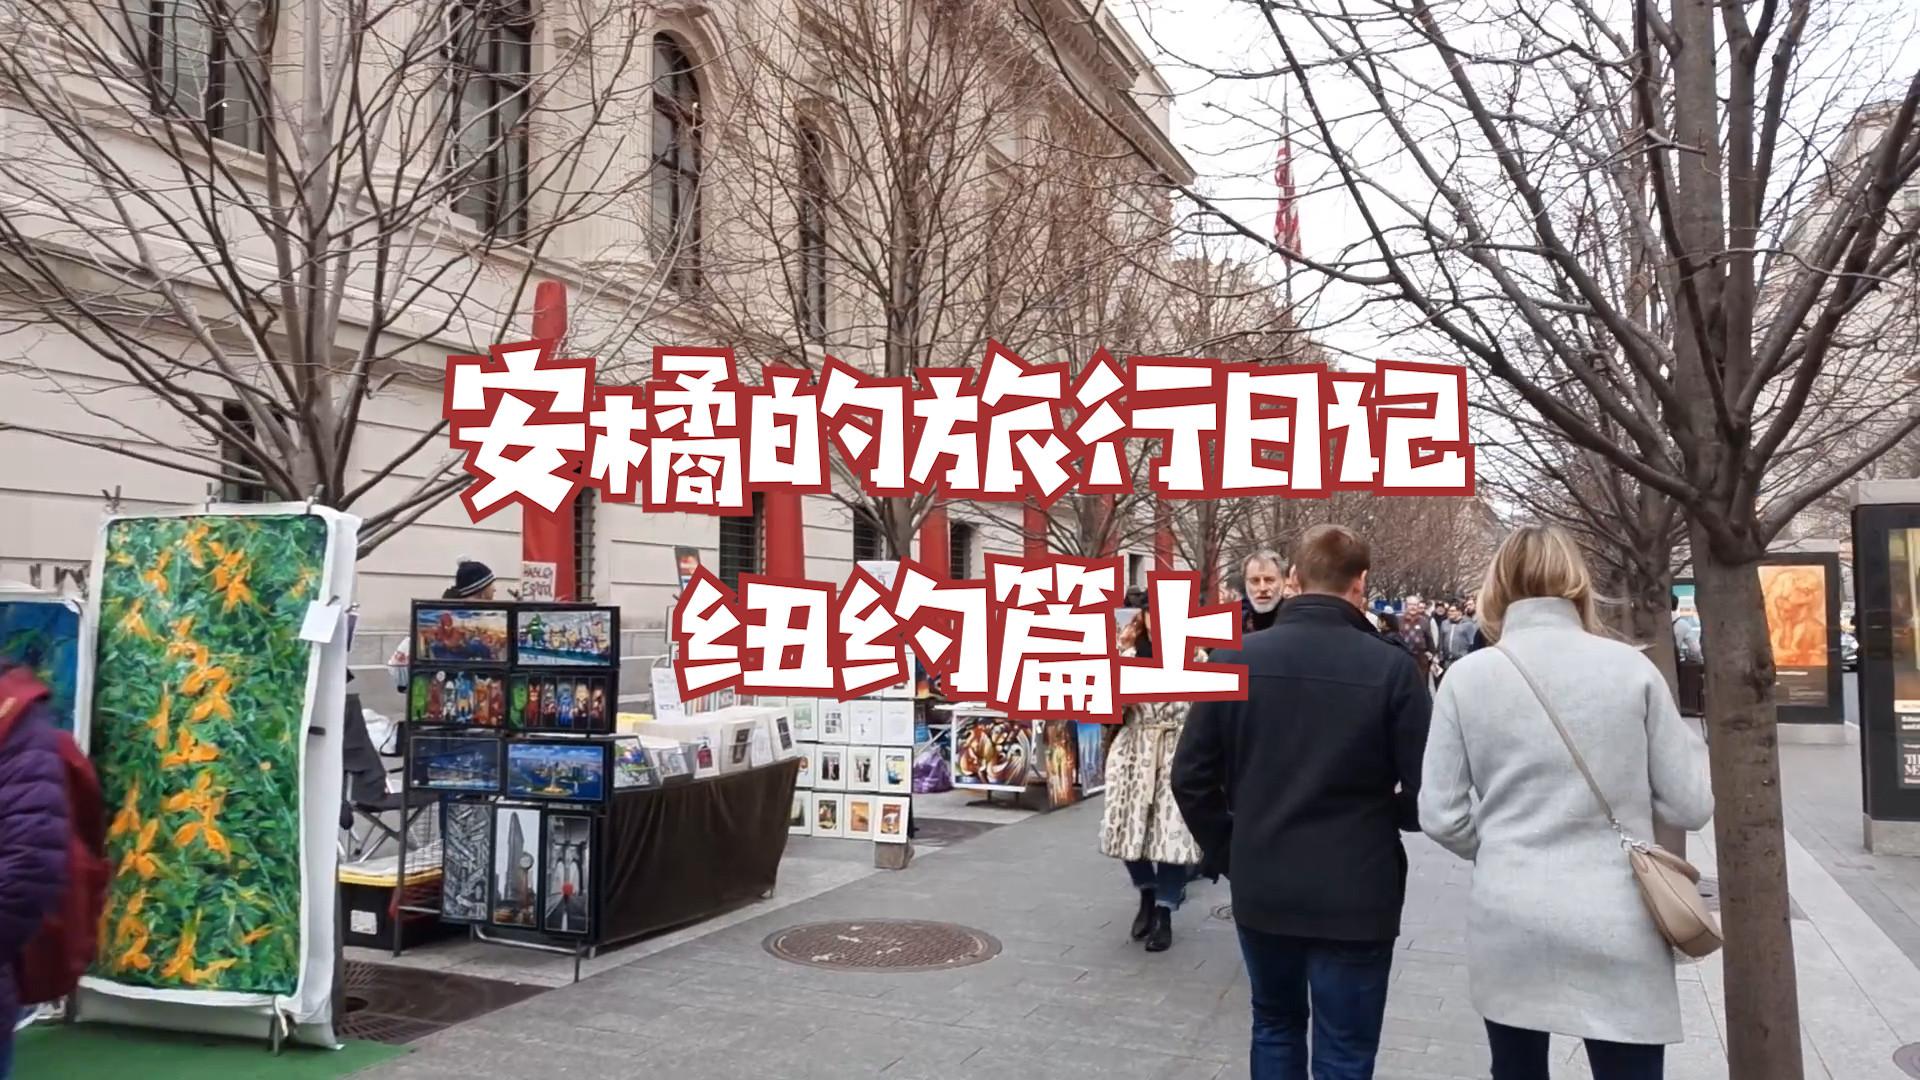 【安橘的旅行日记】纽约篇上:认真逛了大半天的大都会博物馆